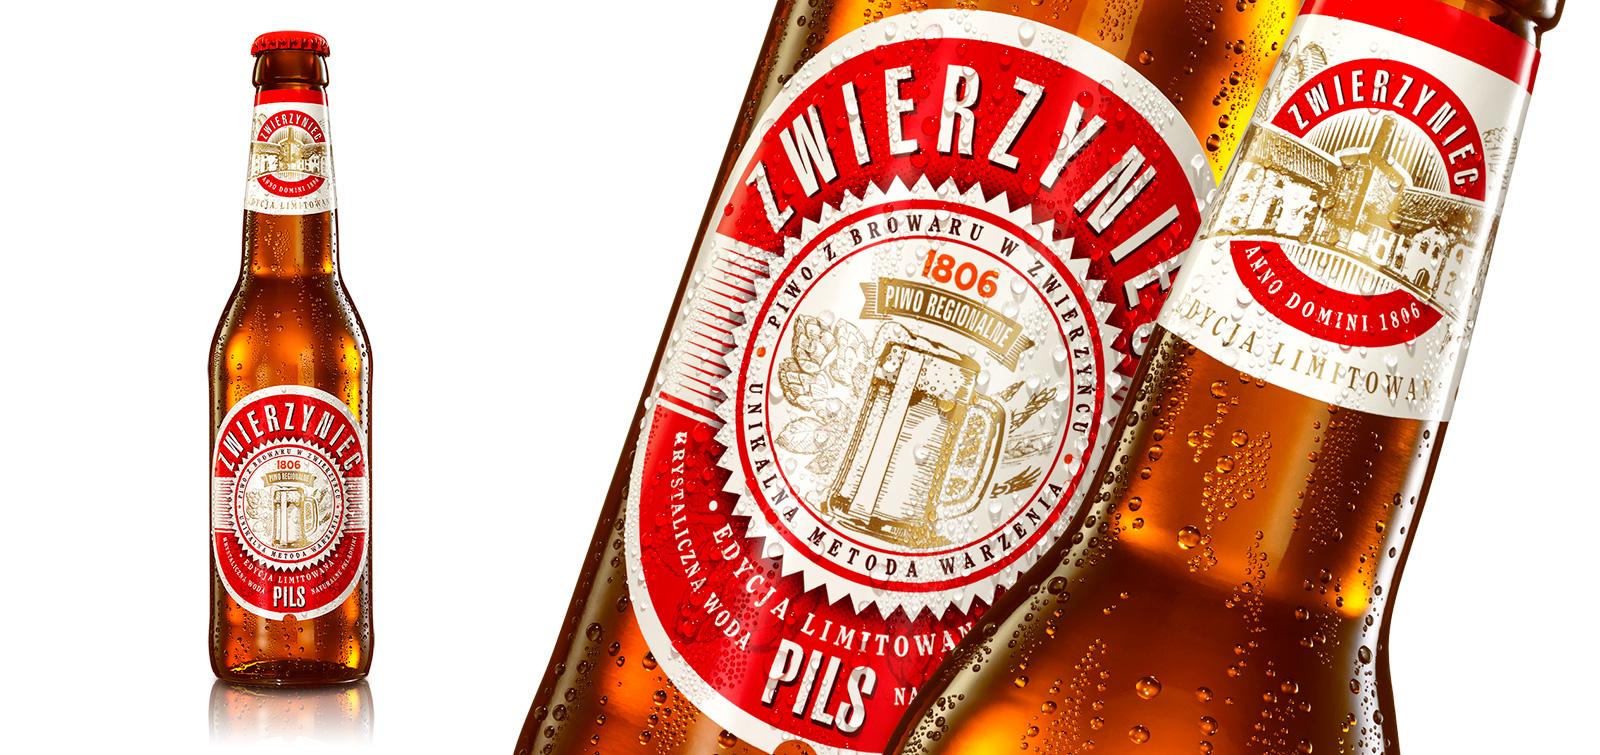 Butelka piwa Zwierzyniec Pils